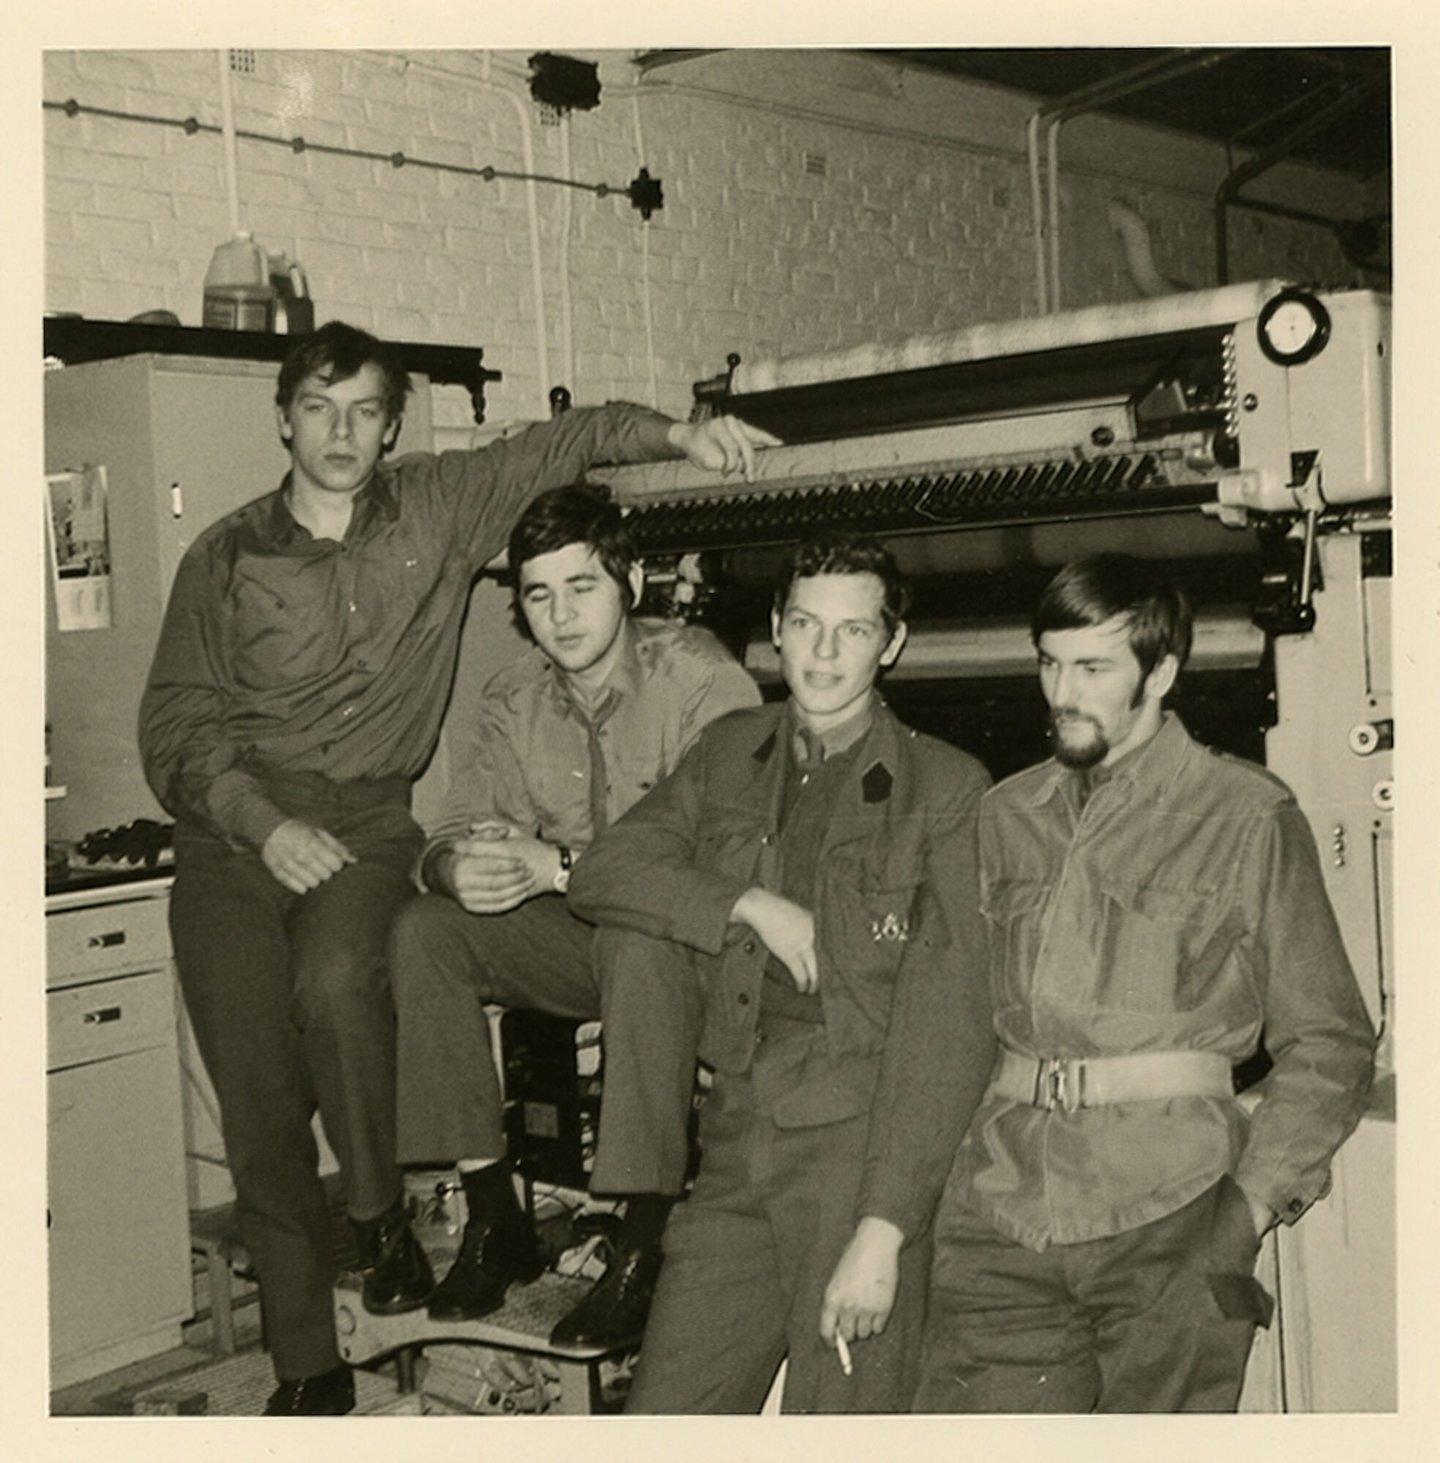 Vier mannen voor een drukpers in de drukkerij van het Militair Geografisch Insituut in de Abdij Ter Kameren te Brussel